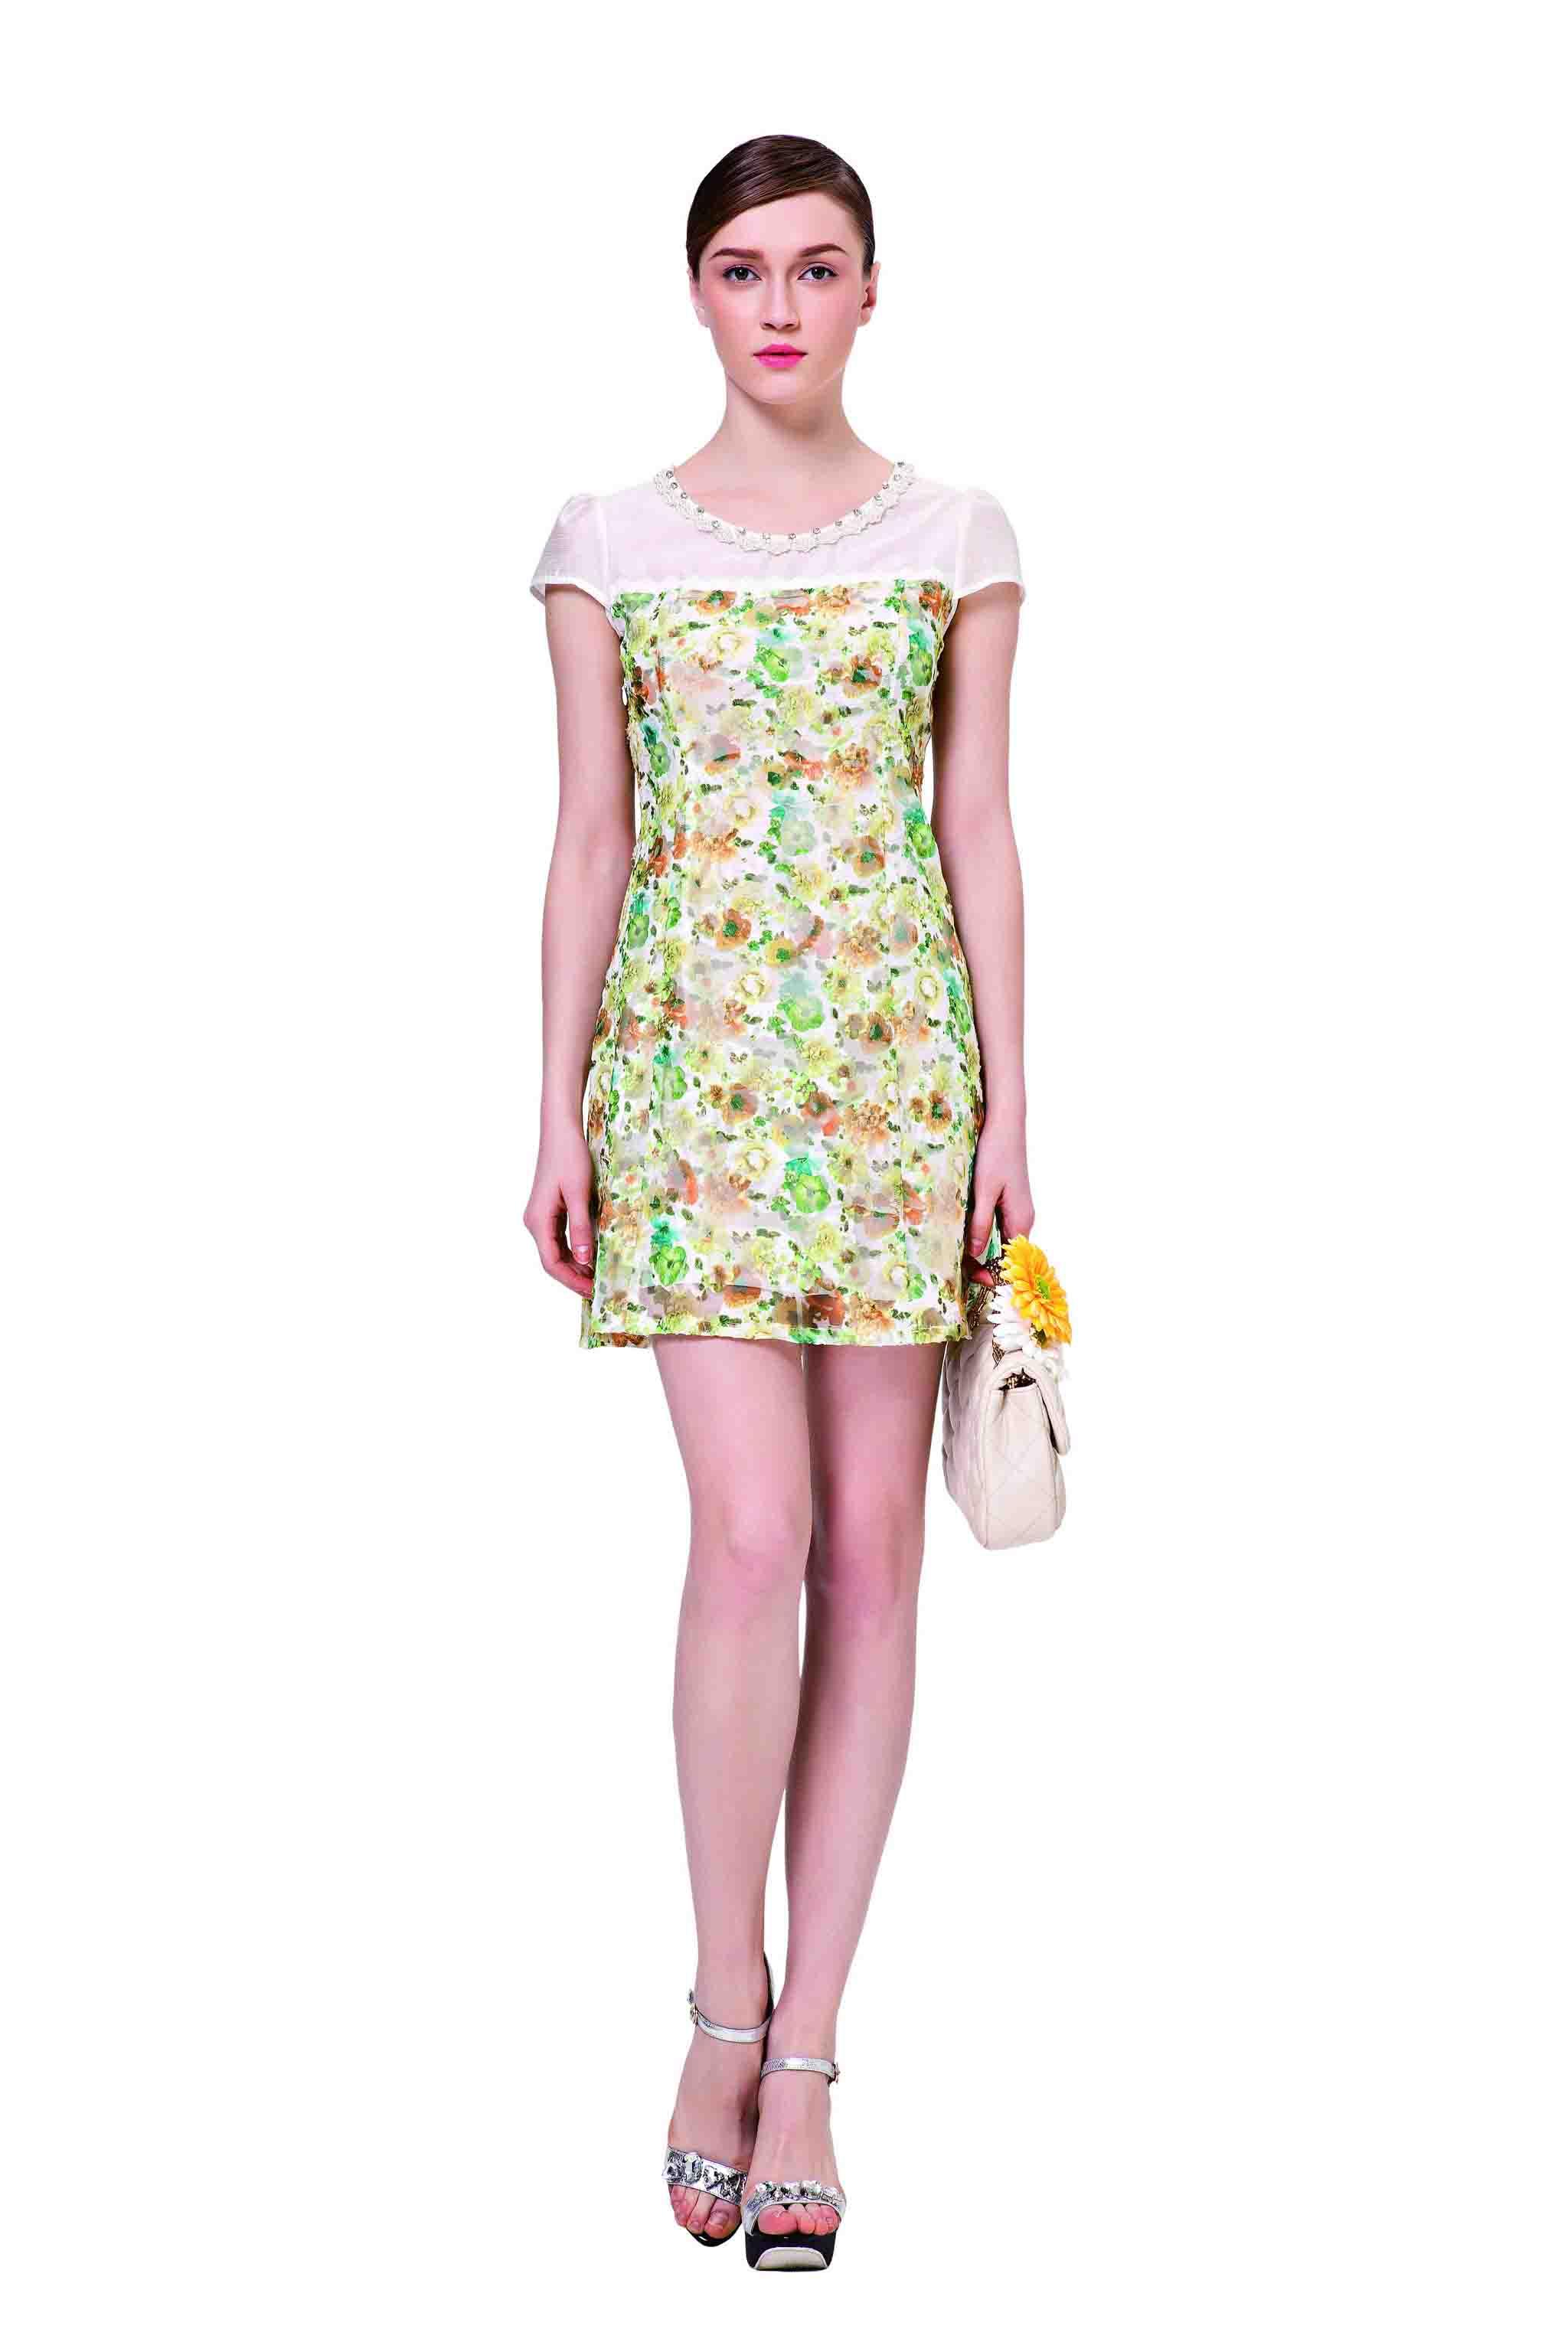 迪薇娜品牌折扣女装加盟,时尚品质平价